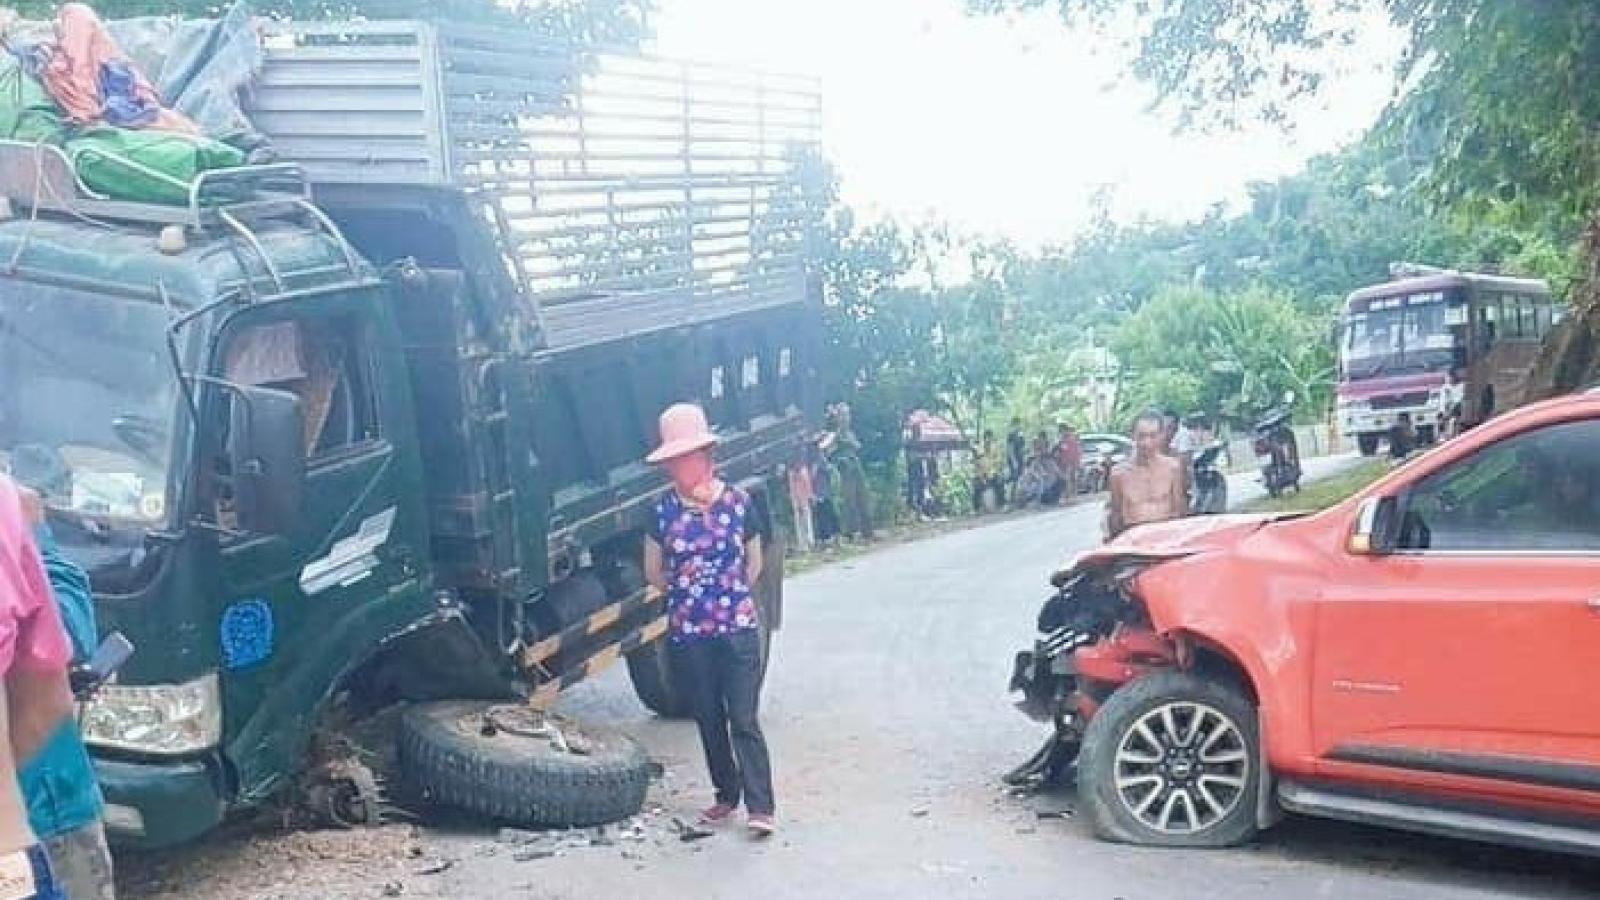 Đấu đầu do trời mưa, đường trơn, 2 xe ô tô đều hư hỏng nặng